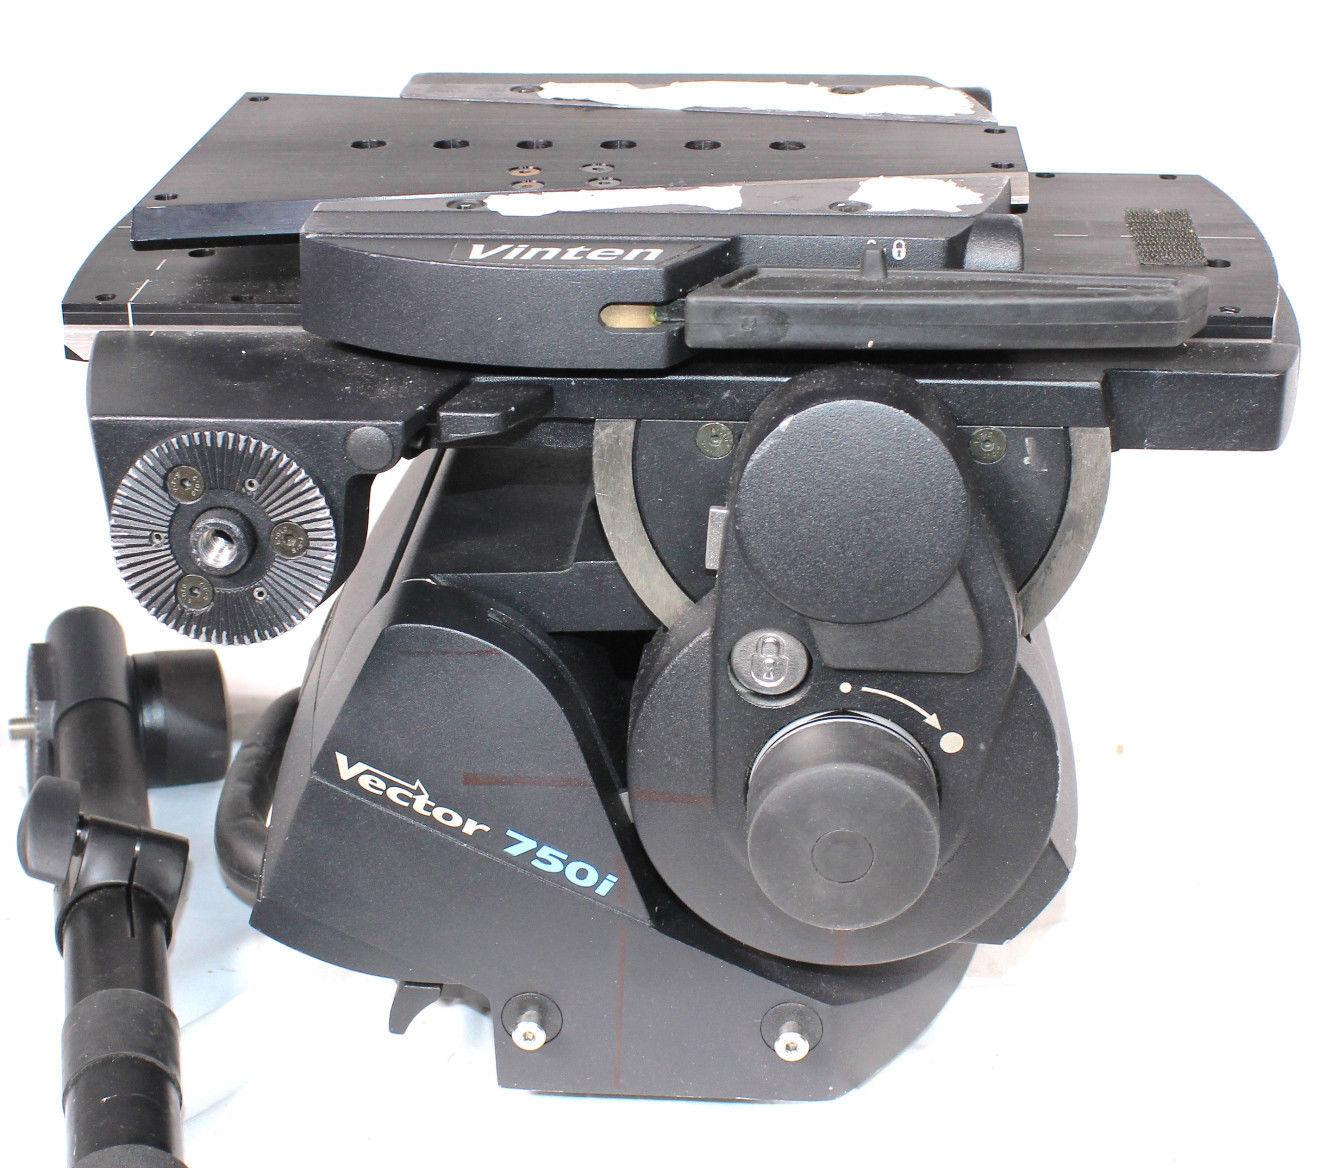 Vinten Vector 750i 750